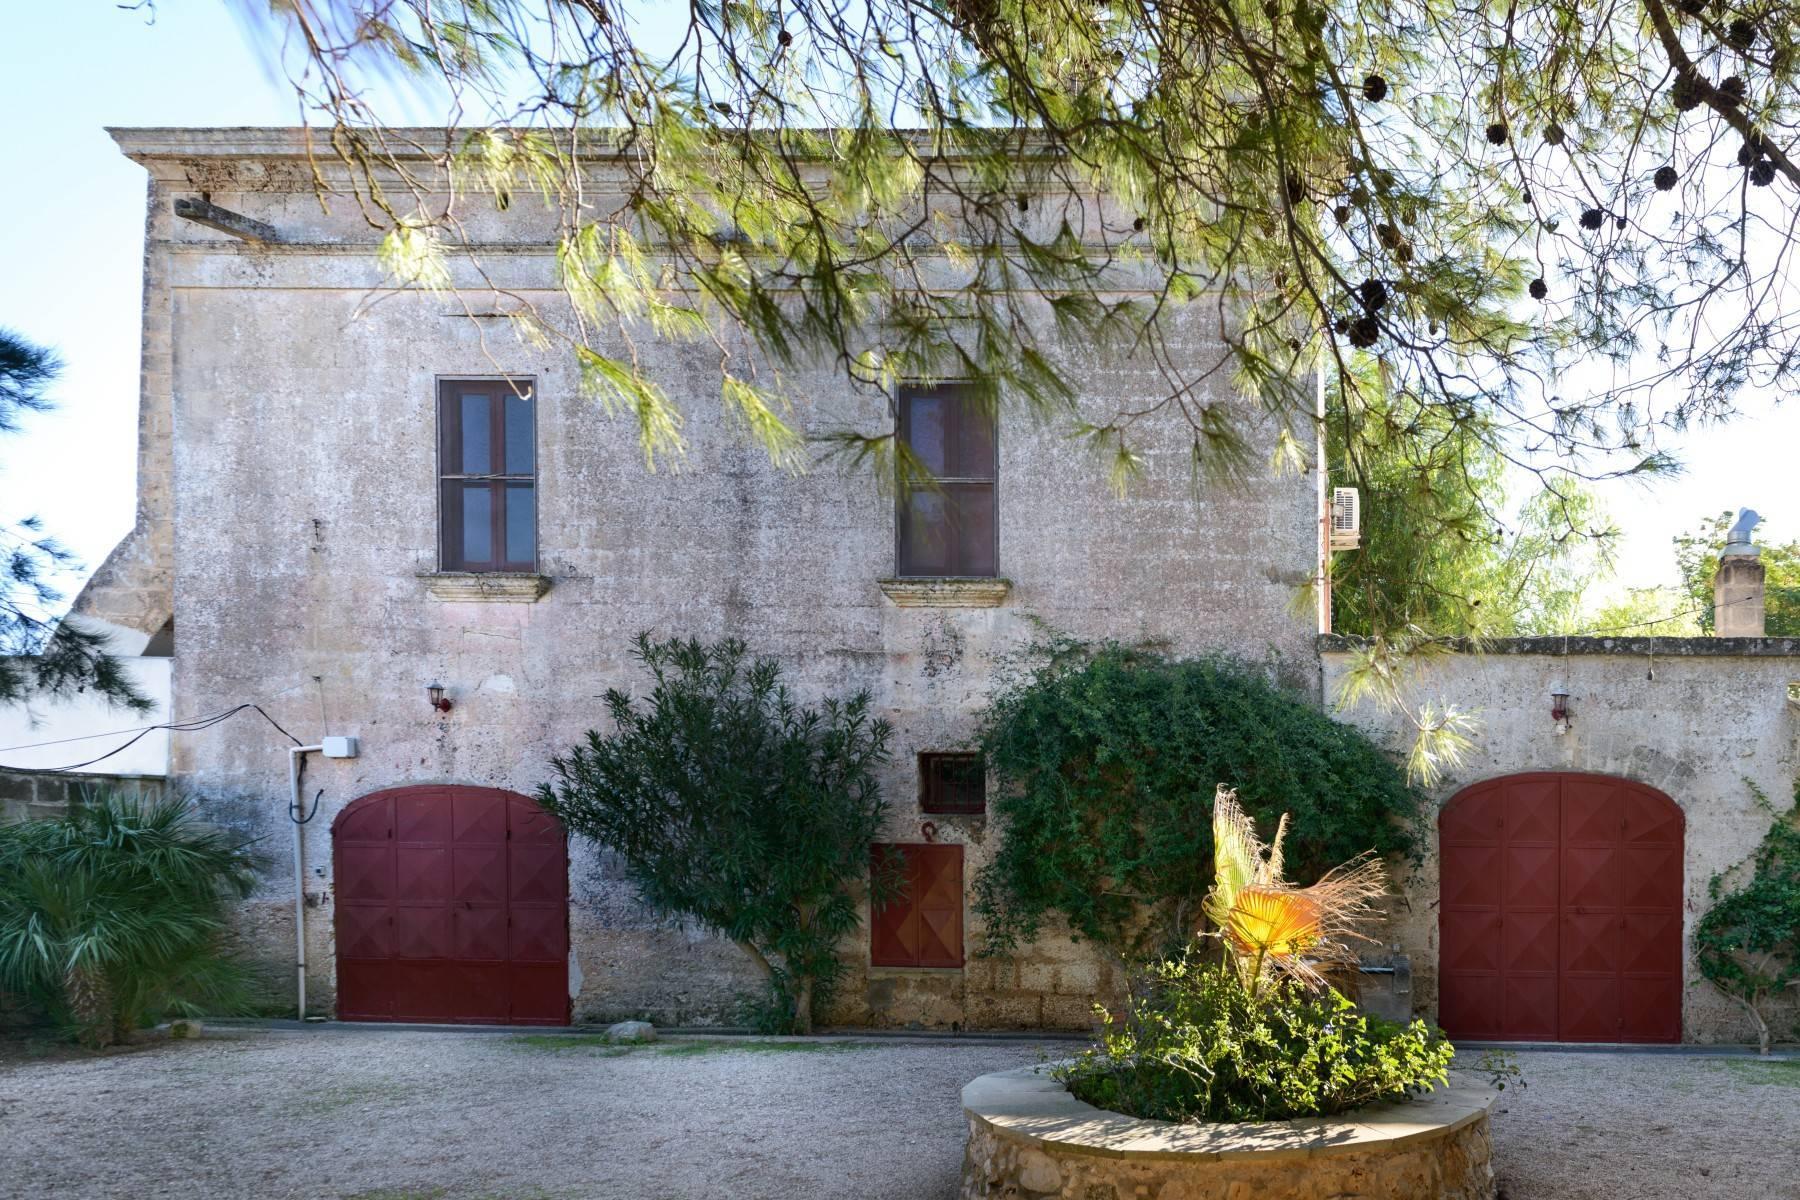 坐落于著名的Masseria Caracciolo住宅区内的优雅别墅 - 2